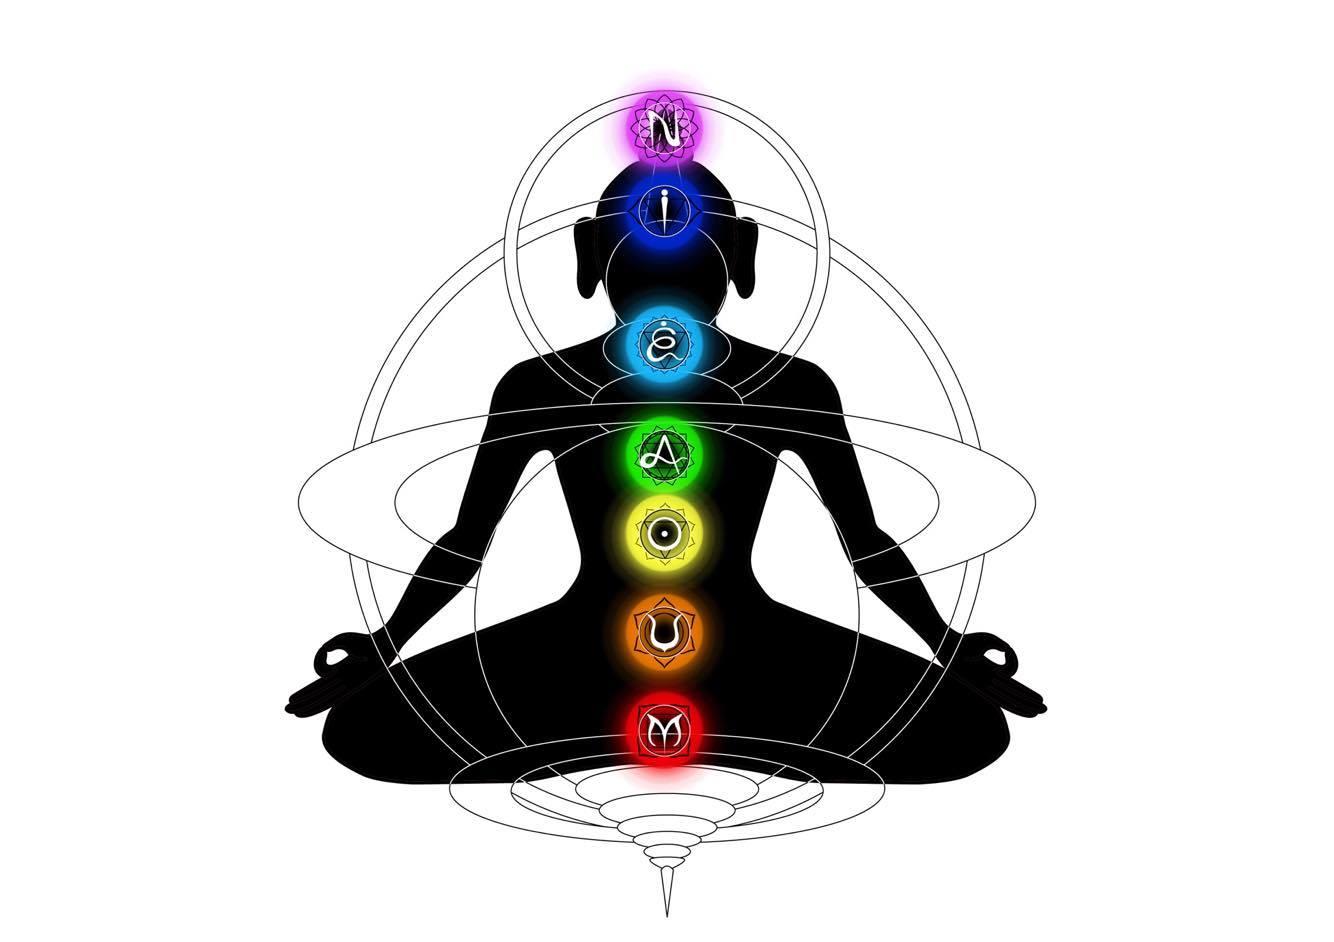 ボイスパシー(Voicepathy)発声瞑想